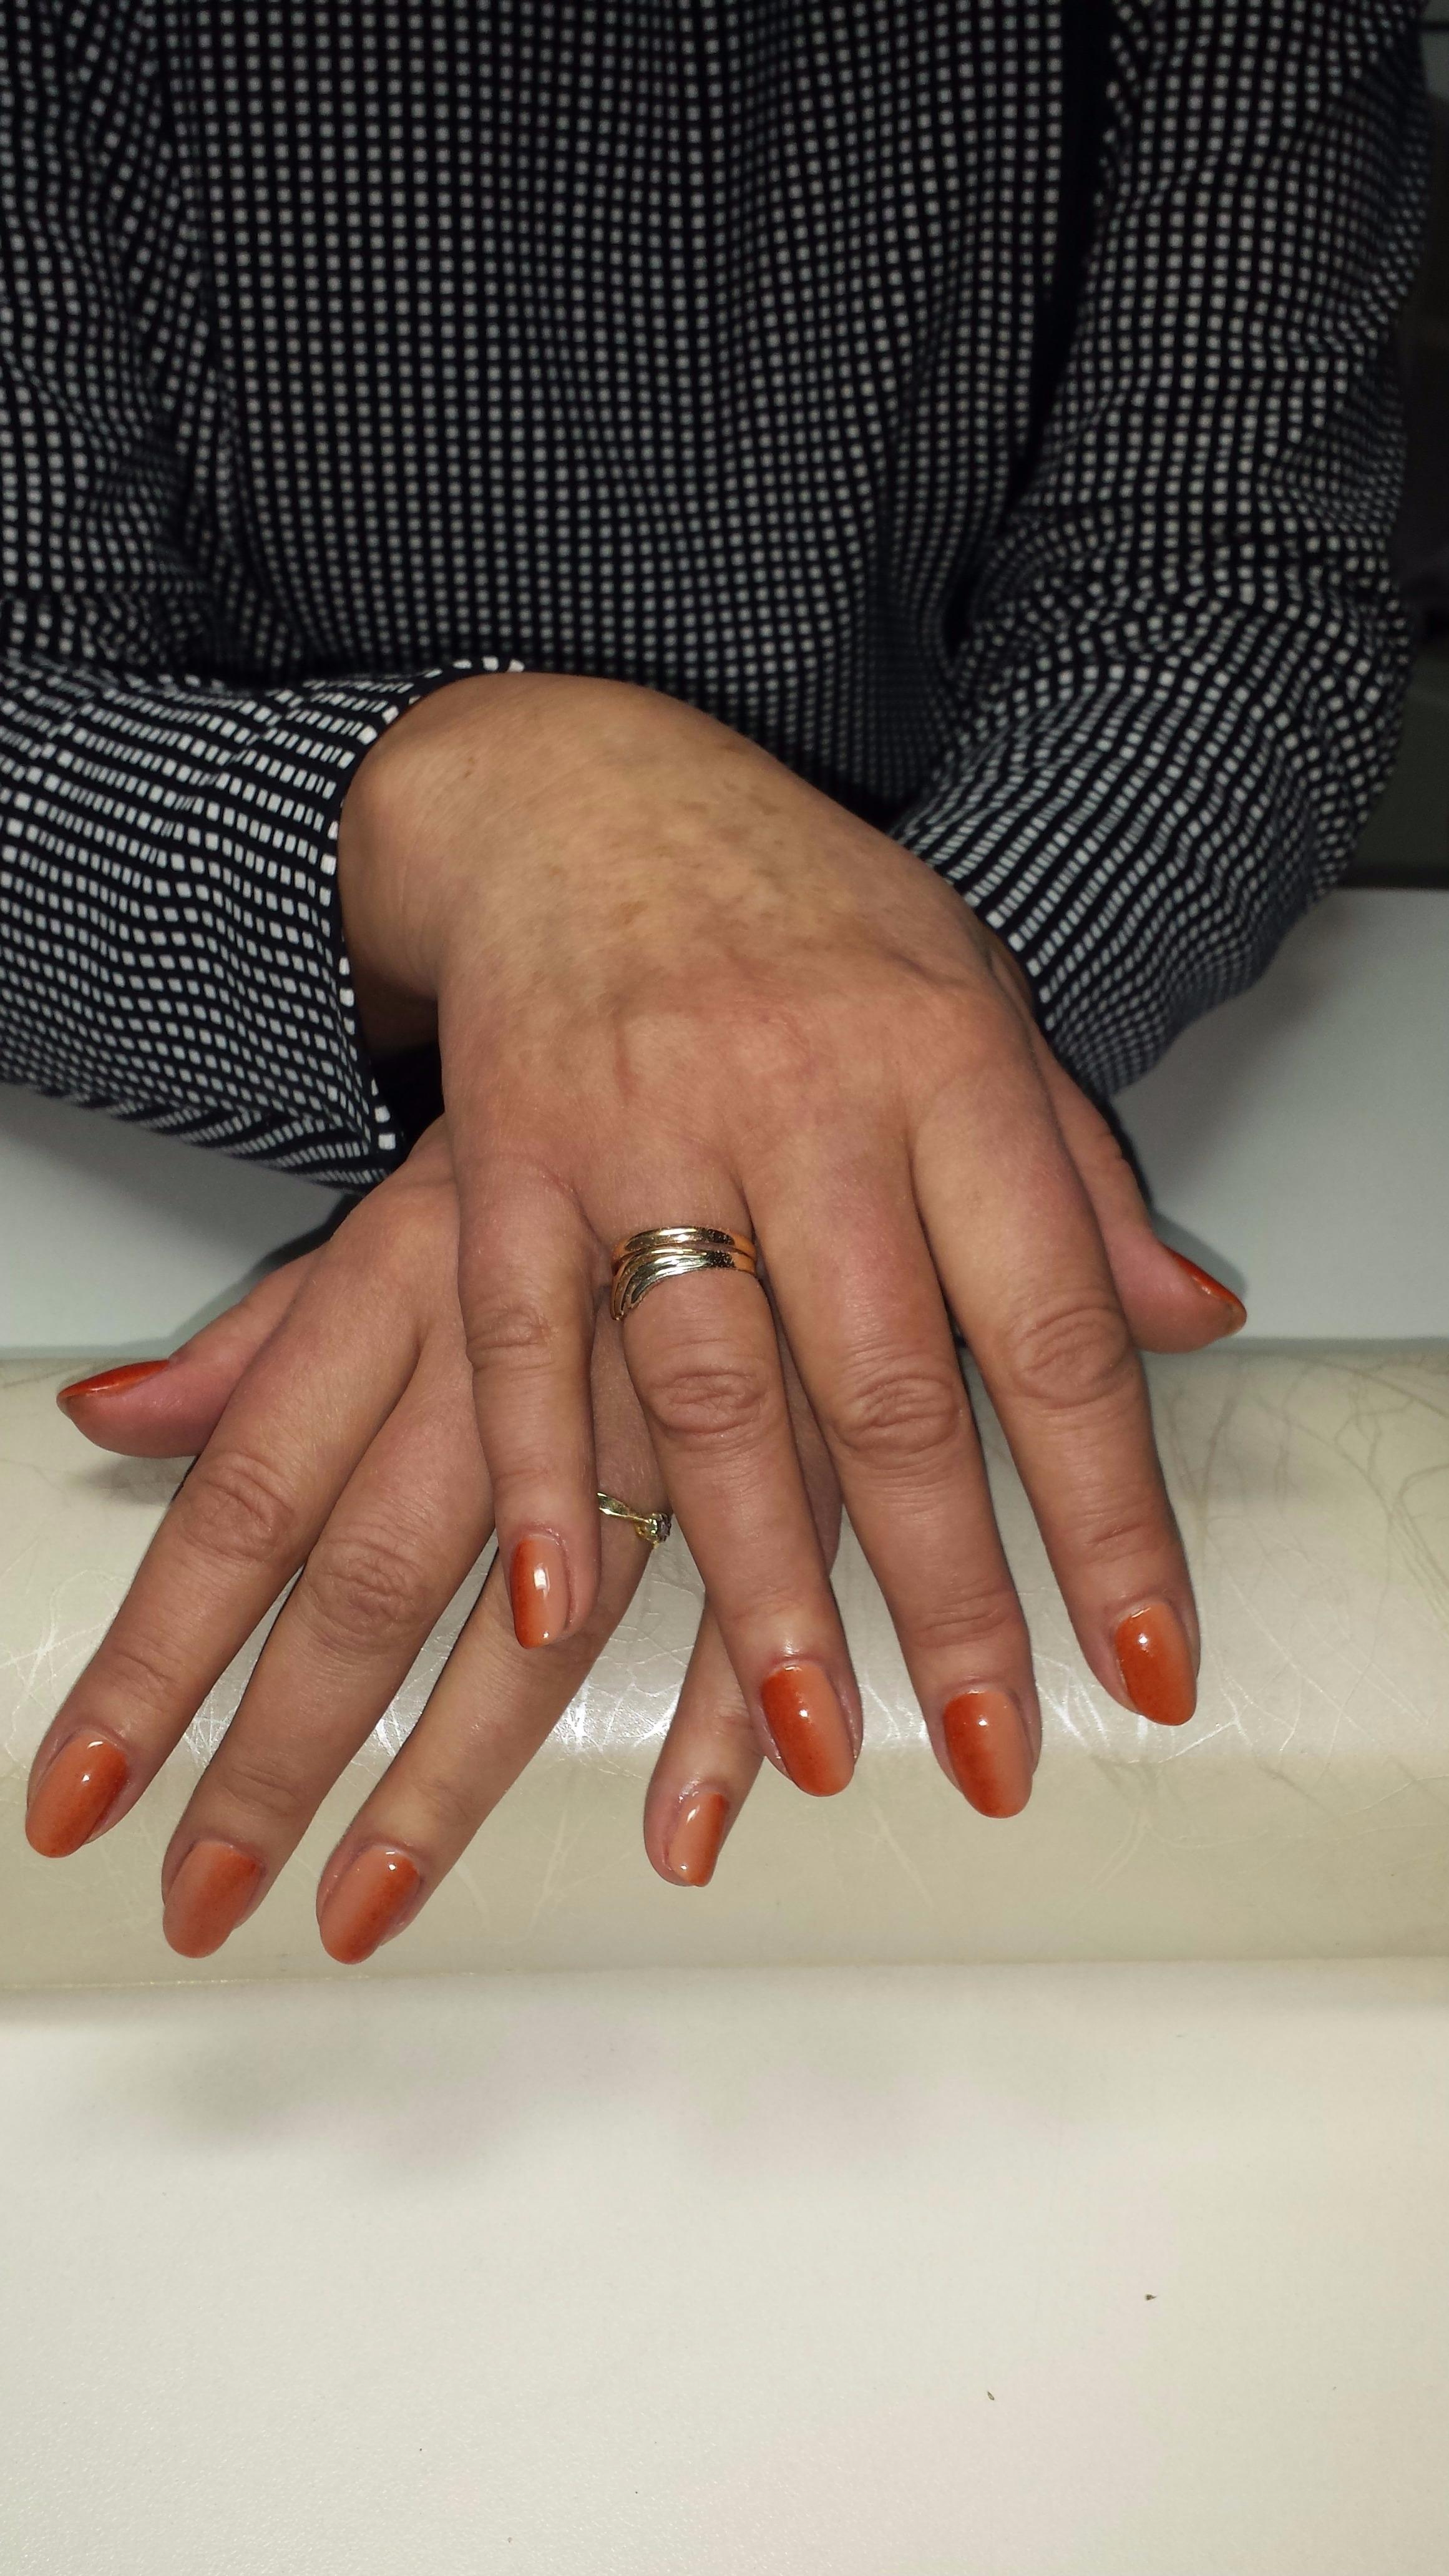 Маникюр + покрытие, парафинотерапия, наращивание ногтей, снятие гель-лака от 5 руб.